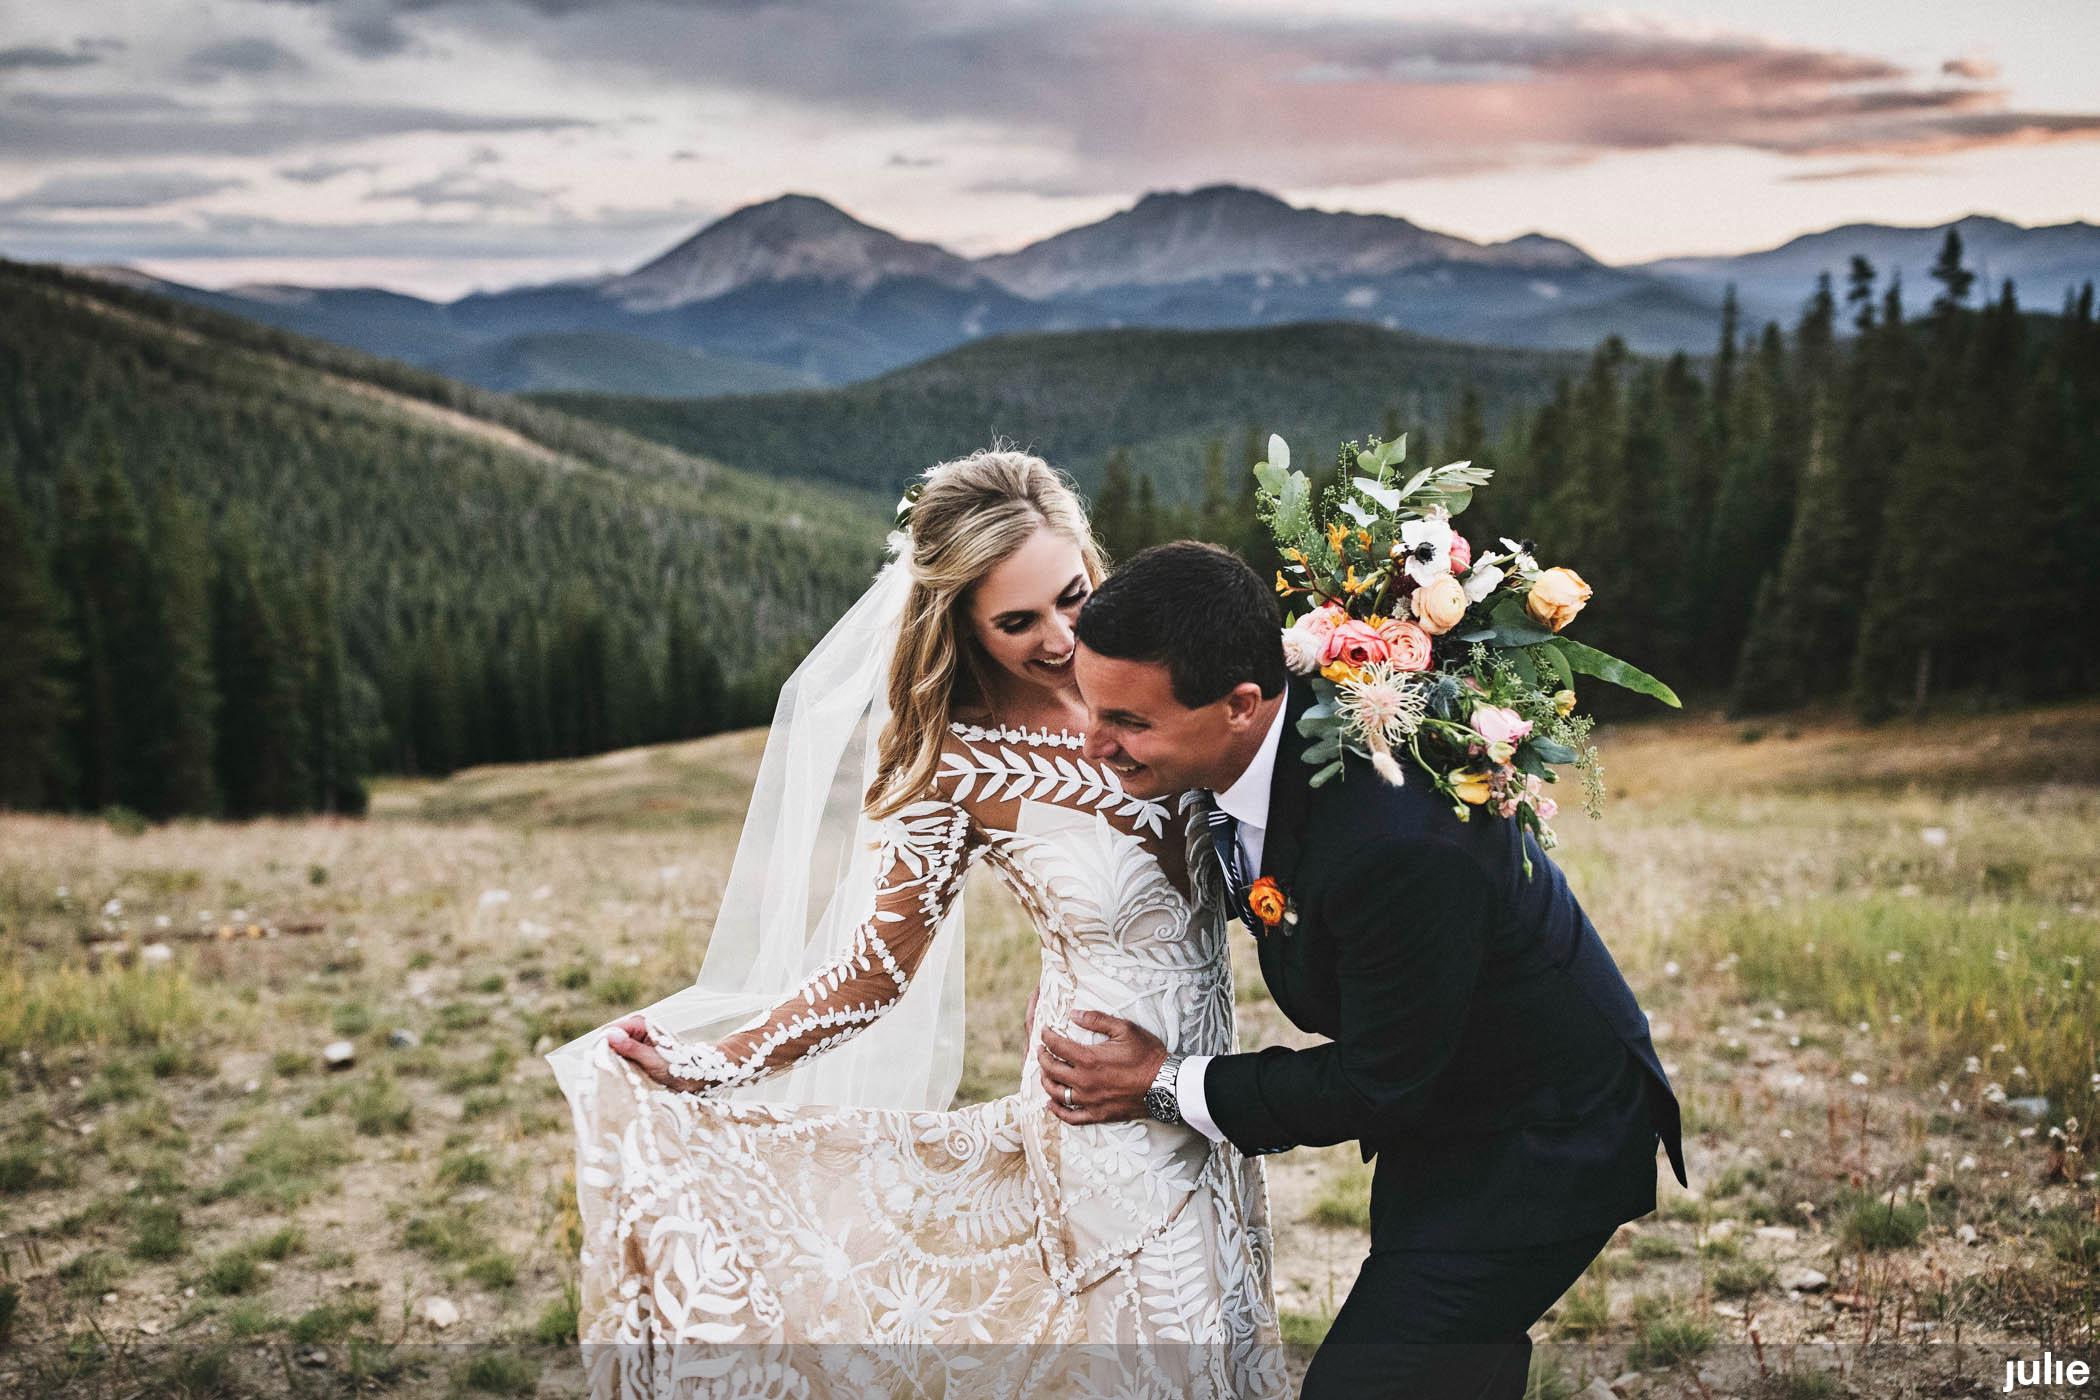 private-wedding-flower-bouquet.jpg